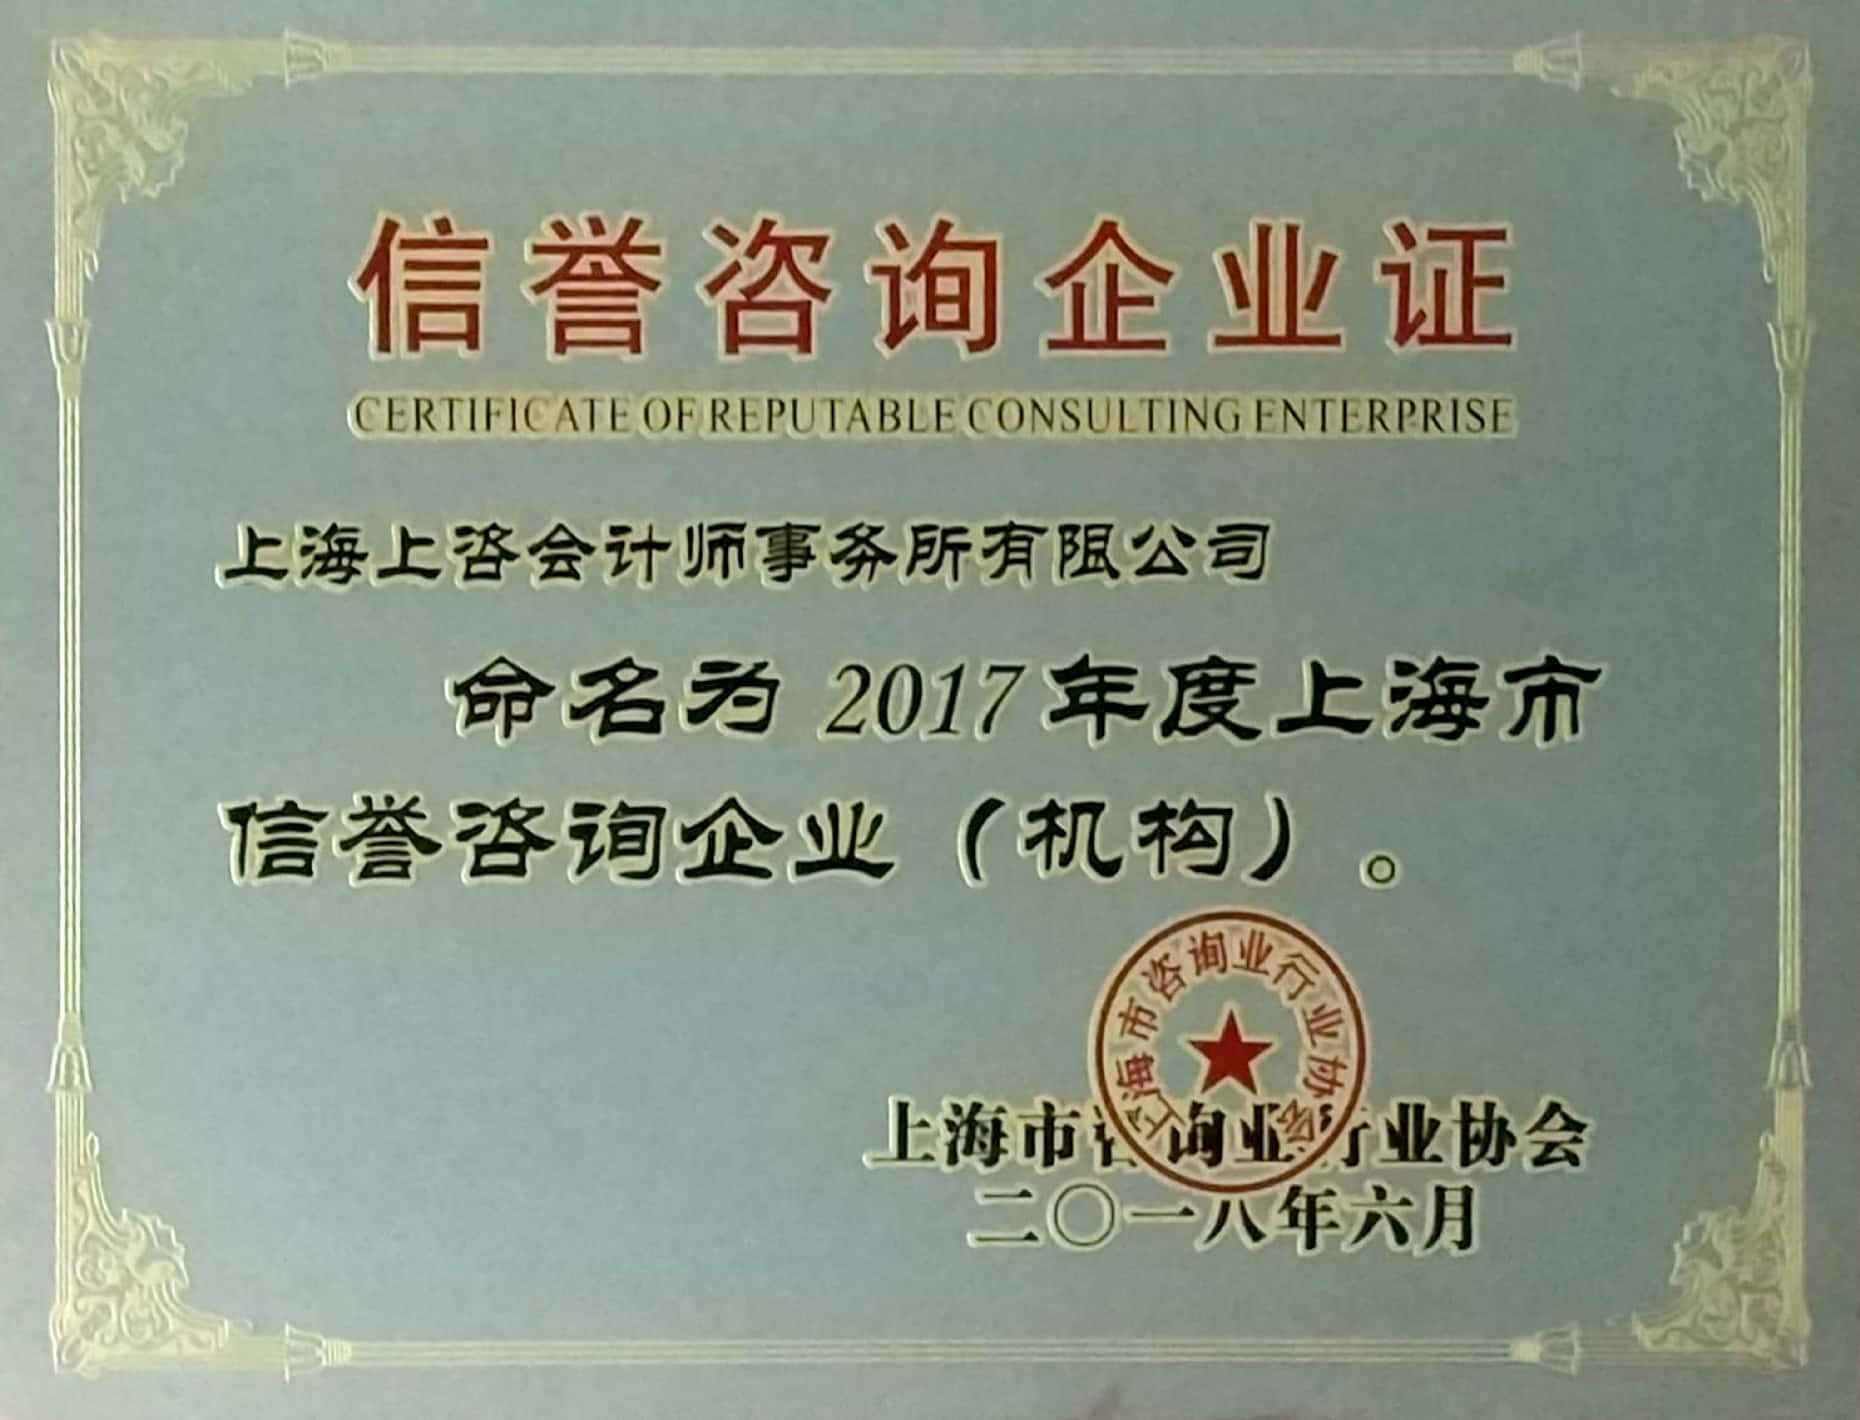 2017年度上海市信誉荣誉咨询企业